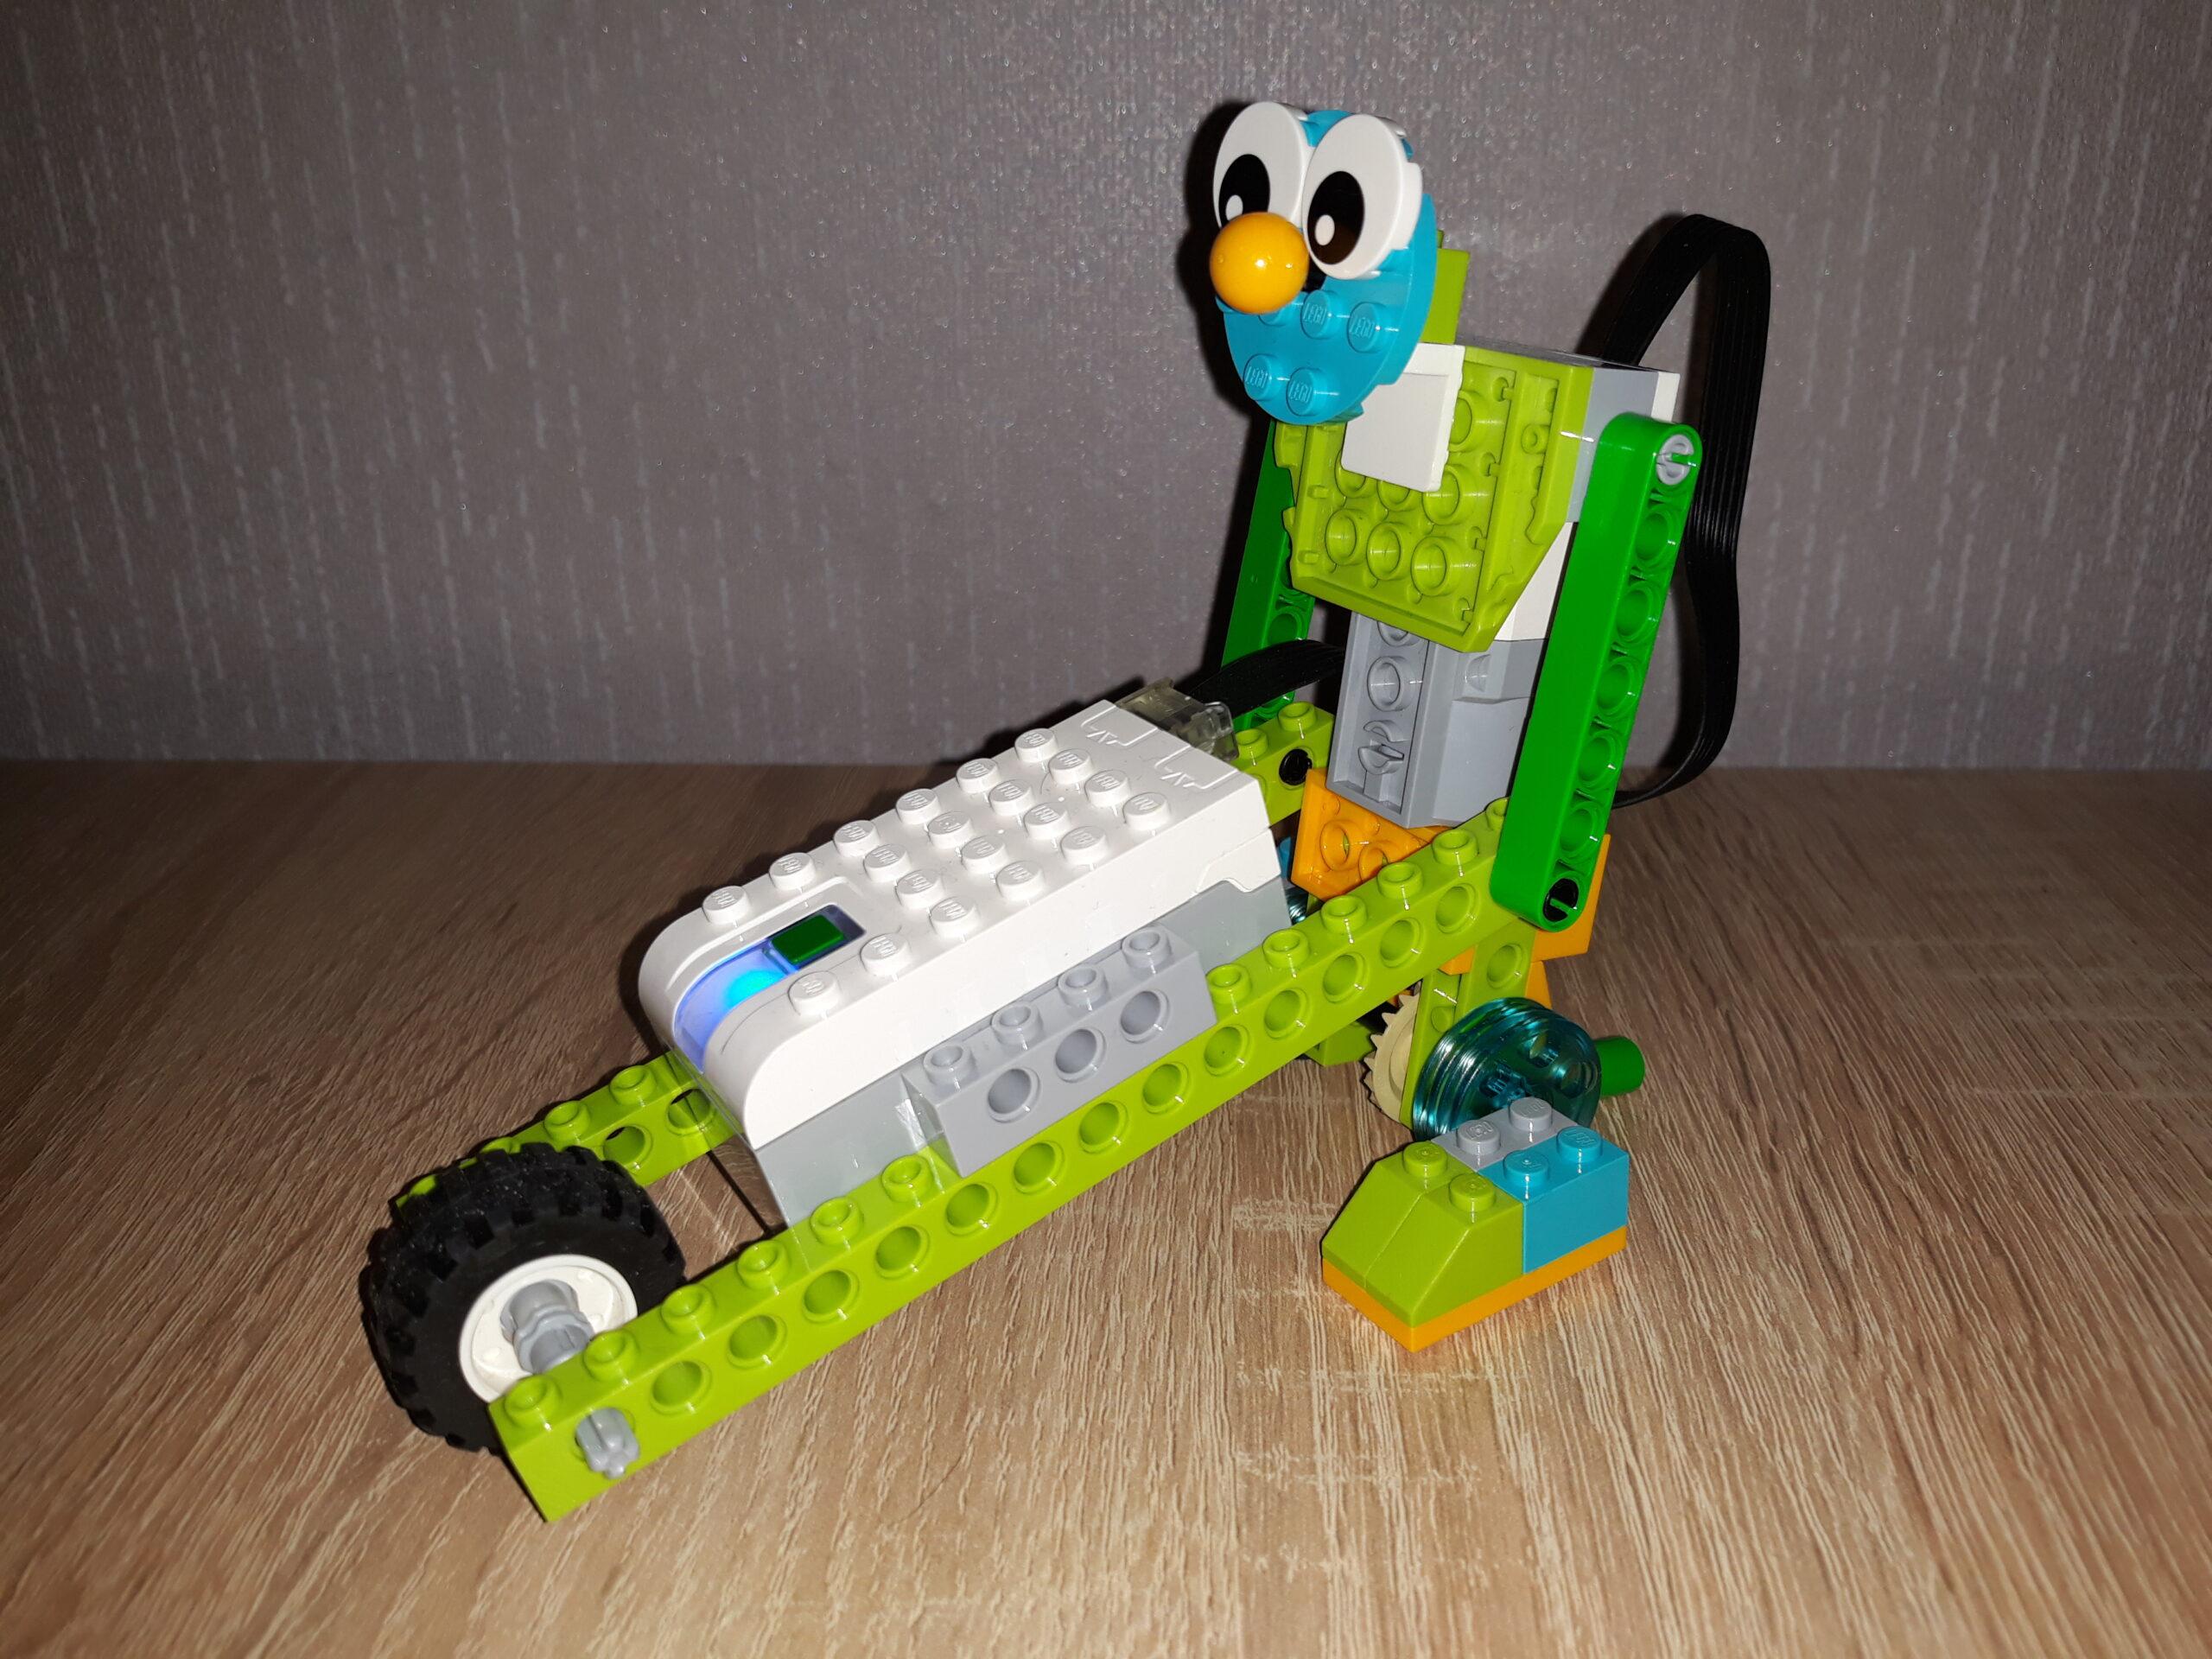 Инструкция по сборке из набора LEGO Education WeDo 2.0 Боб строитель